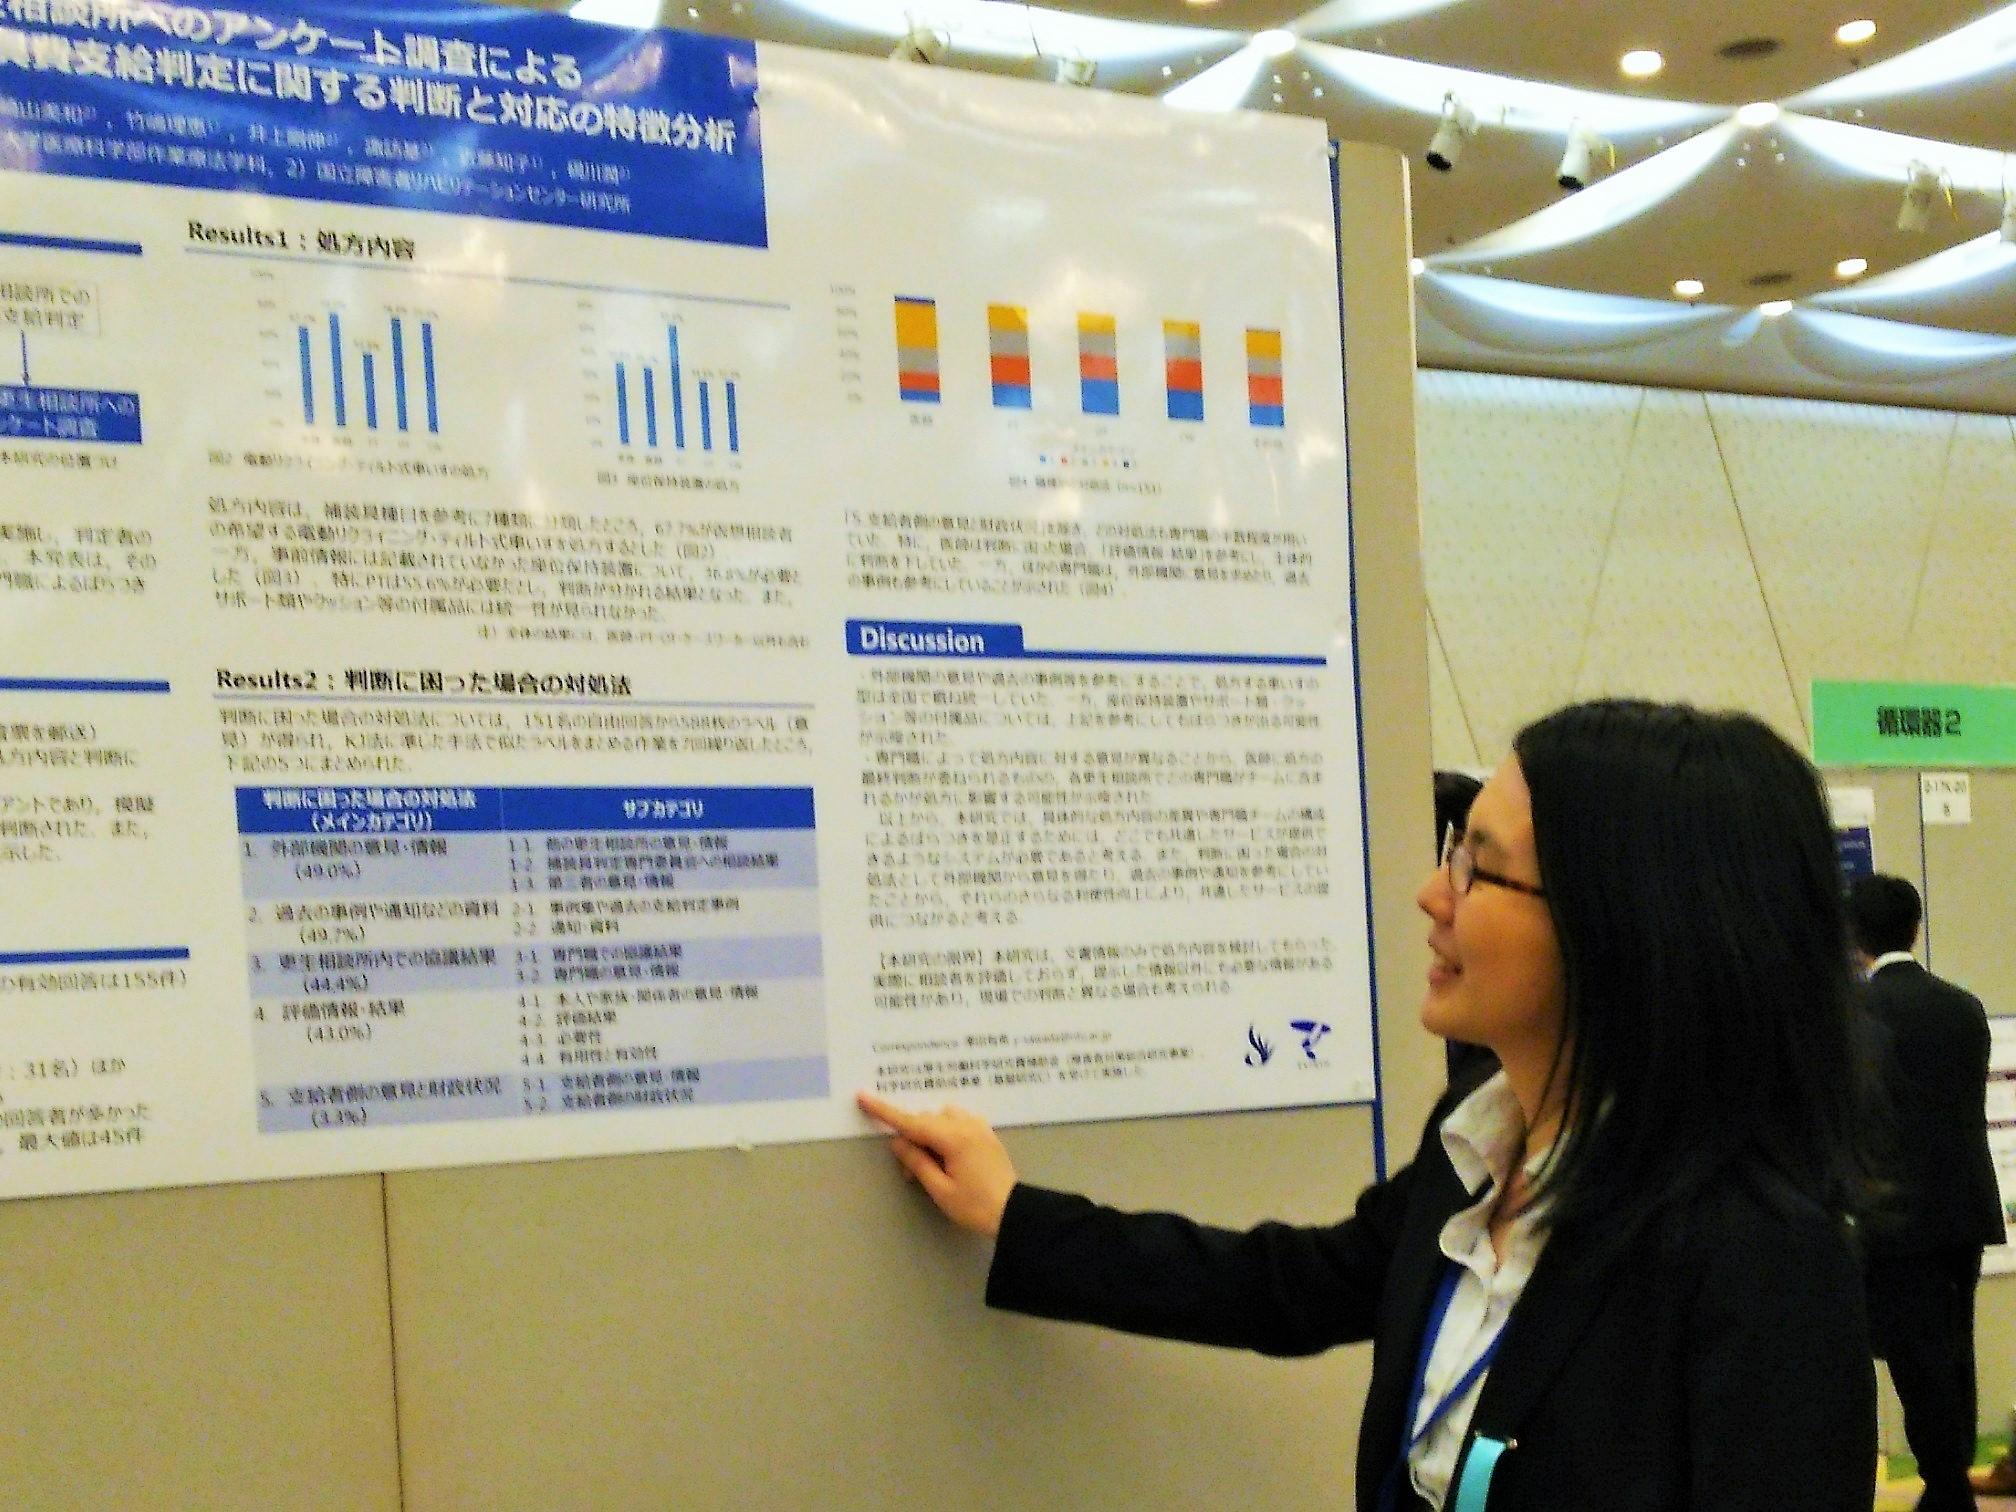 帝京科学大学 リハ医学会学術集会で発表してきました #02